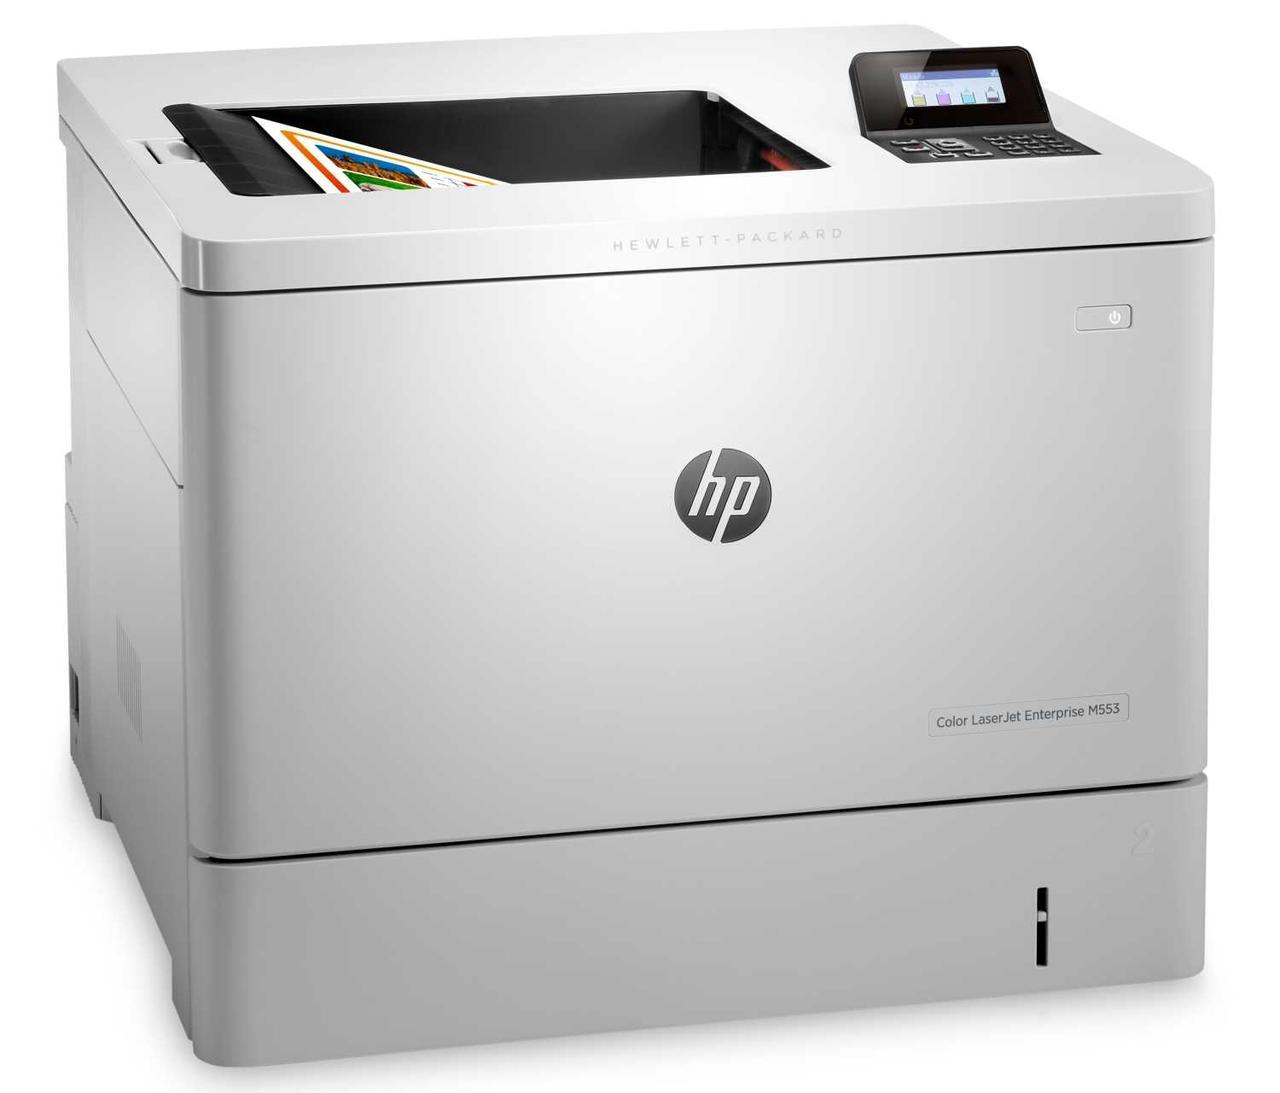 Принтер лазерный HP Принтер лазерный цветной HP Color LaserJet Enterprise M553n (А4) 38 ppm, 1.2 GHz, 1Gb +